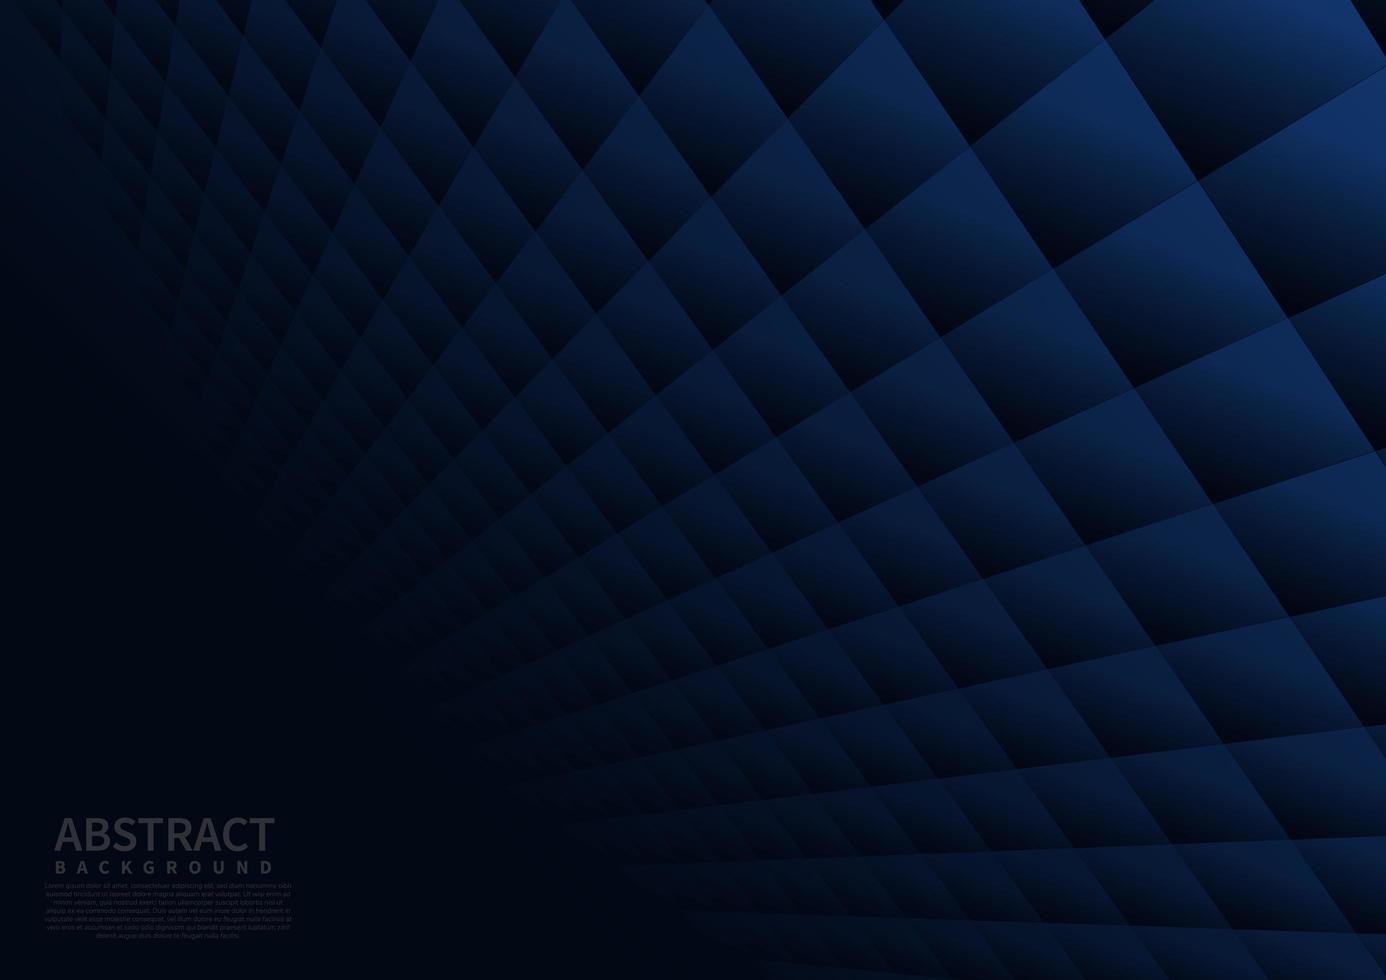 fondo quadrato geometrico astratto blu scuro vettore